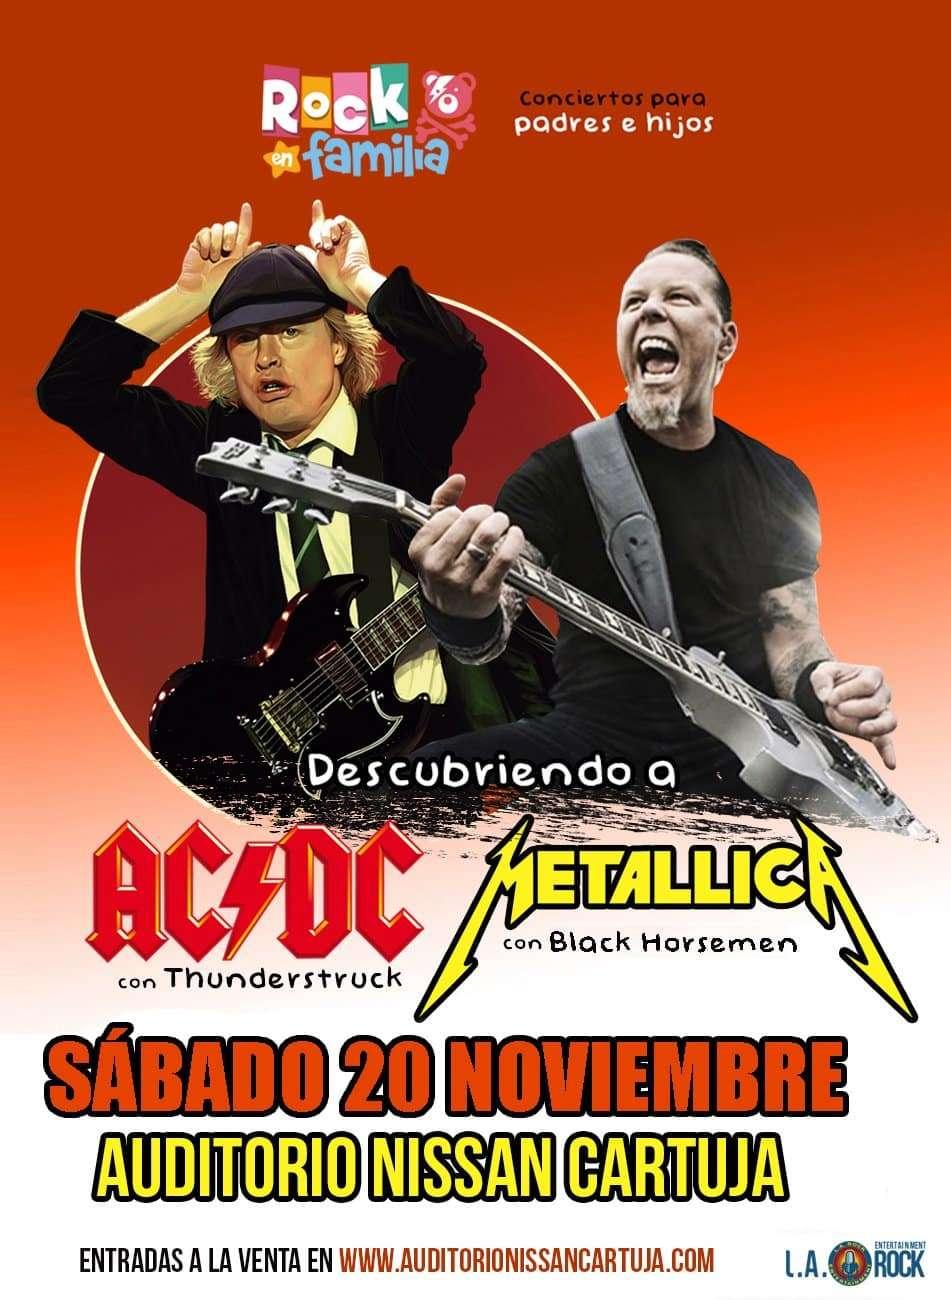 ROCK EN FAMILIA – DESCUBRIENDO A AC/DC Y METALLIC